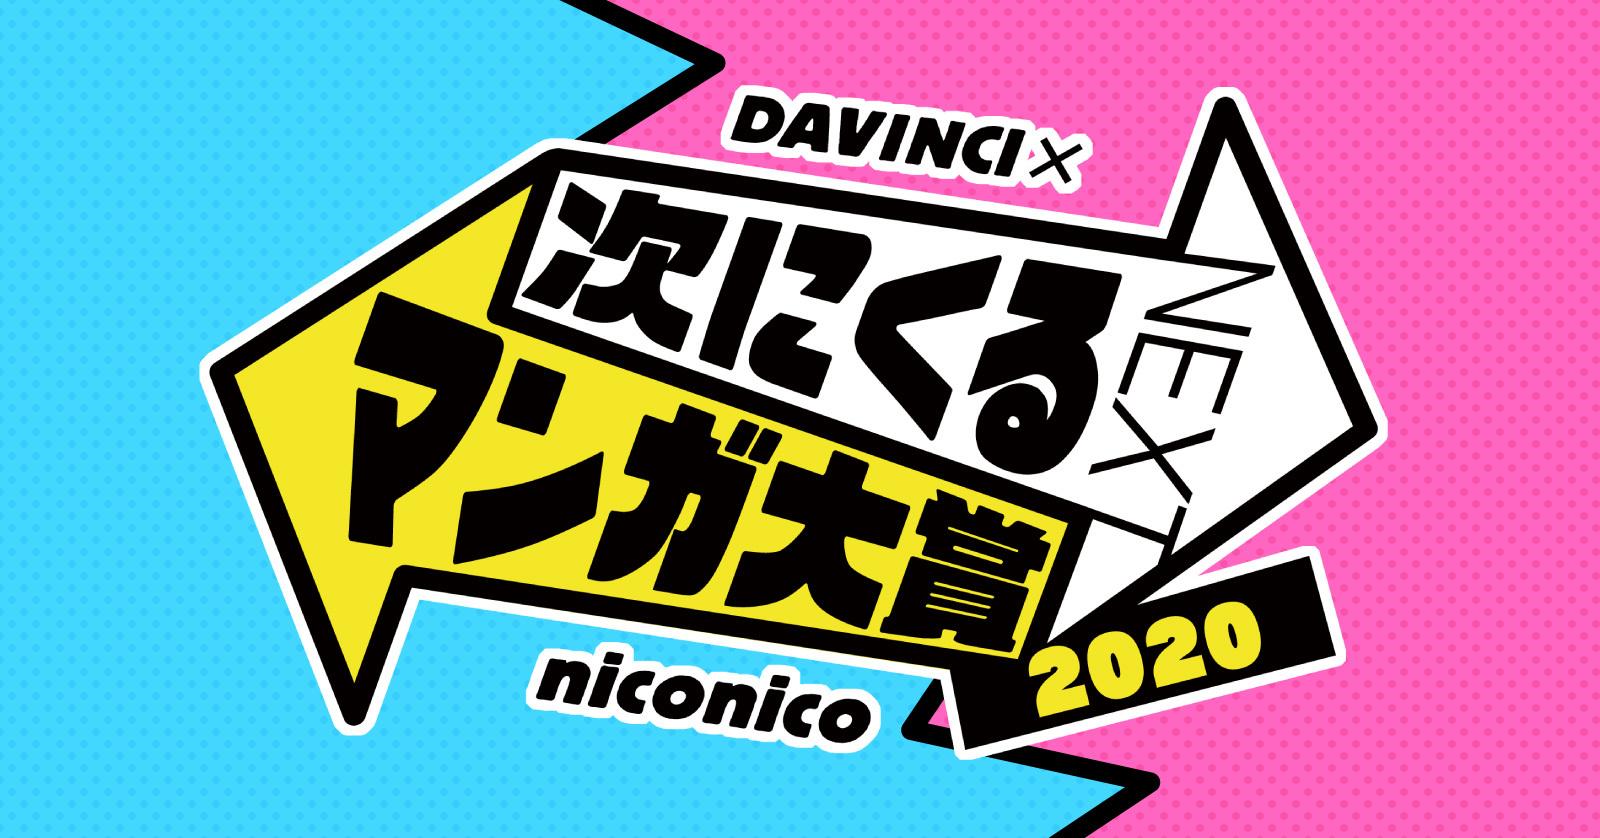 DAVINCI x niconico 次に来るマンガ大賞 2019